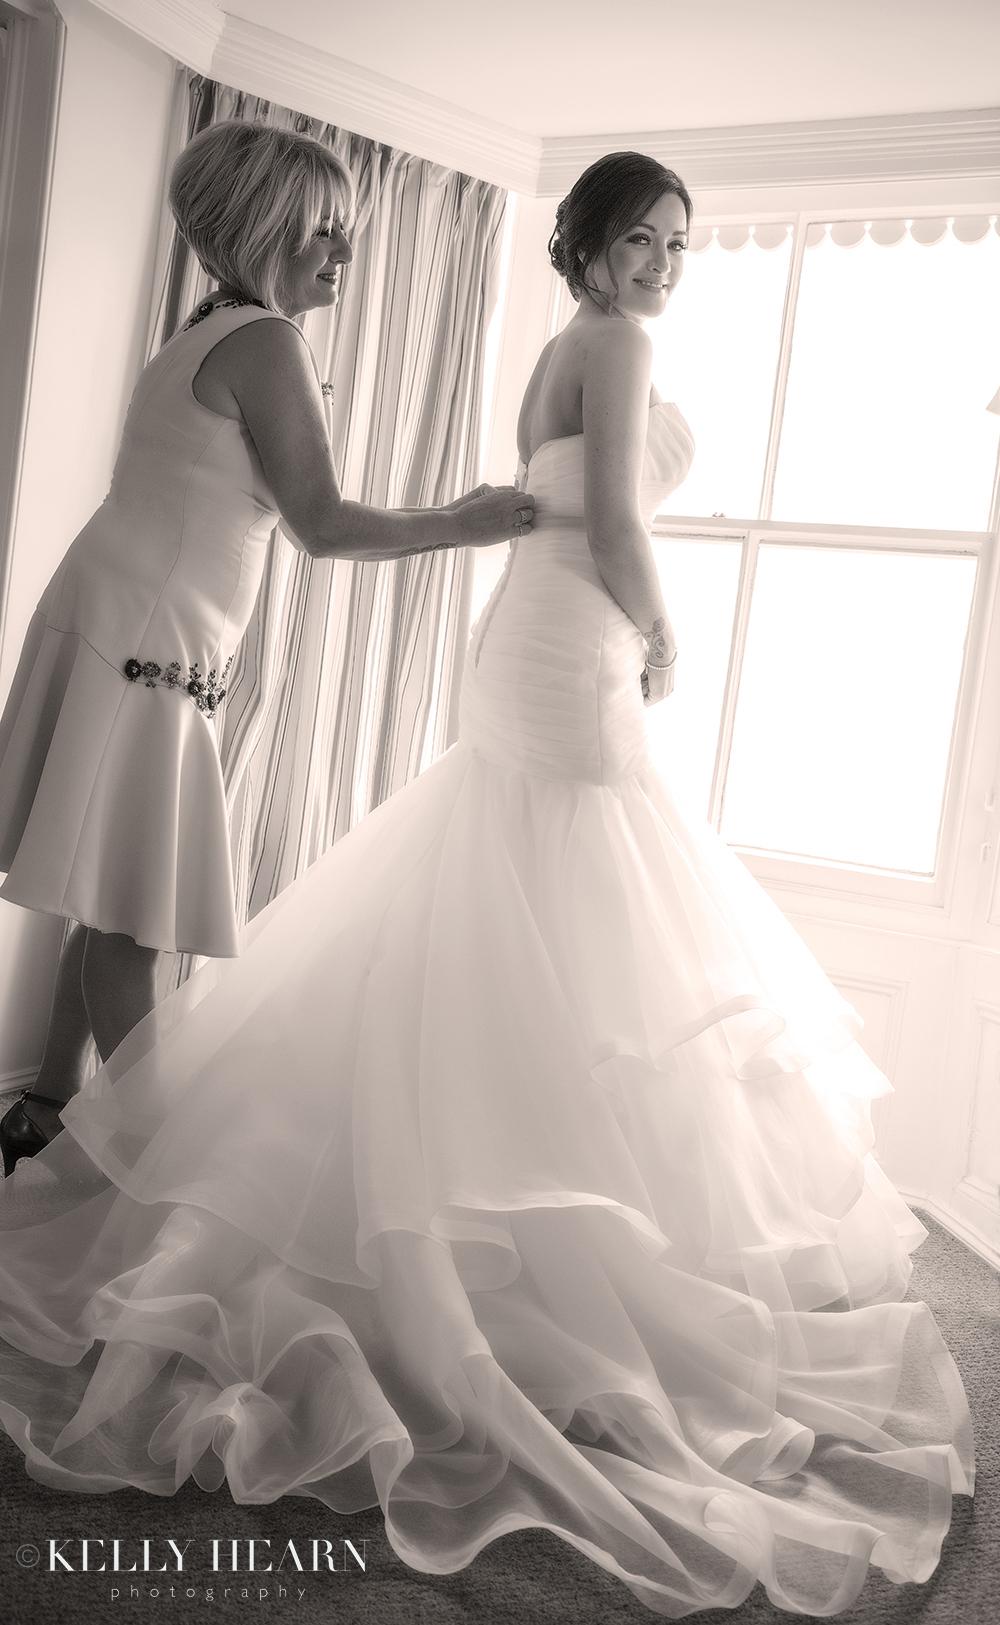 HAR_bride-mother-putting-on-dress.jpg#asset:1802